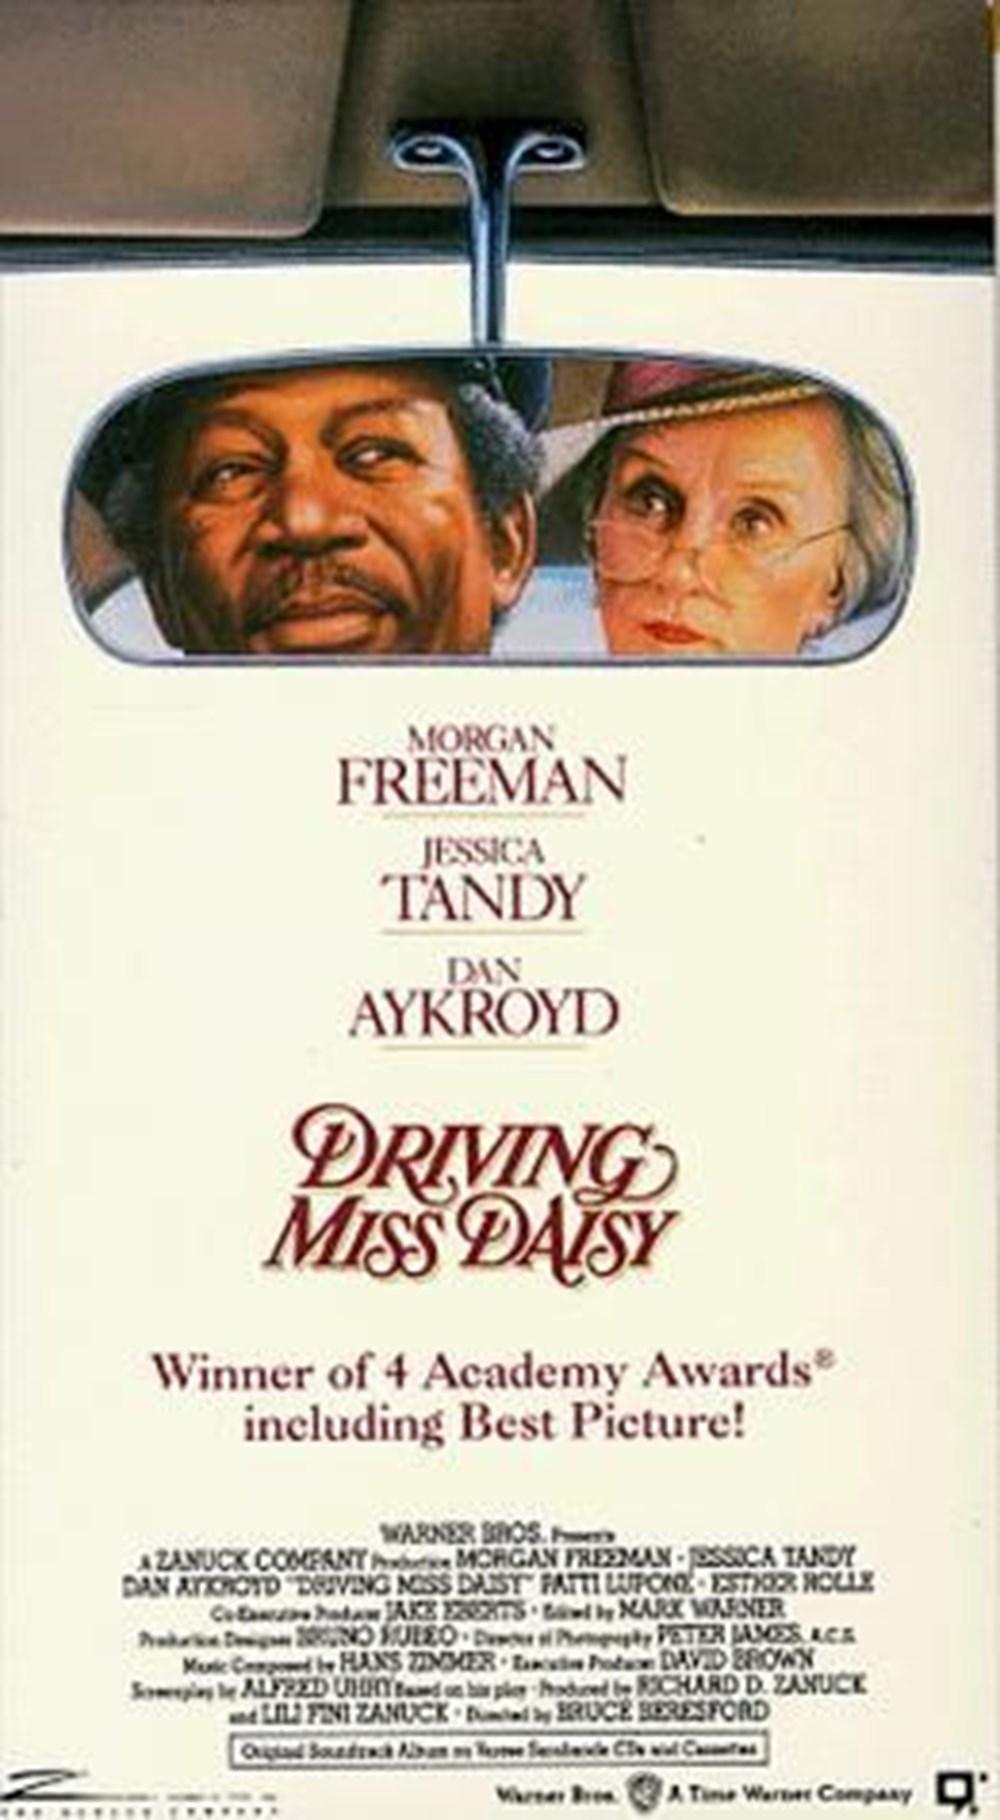 93. Oscar Ödülleri sonrası bugüne kadar ödül alan en iyi filmler - 63